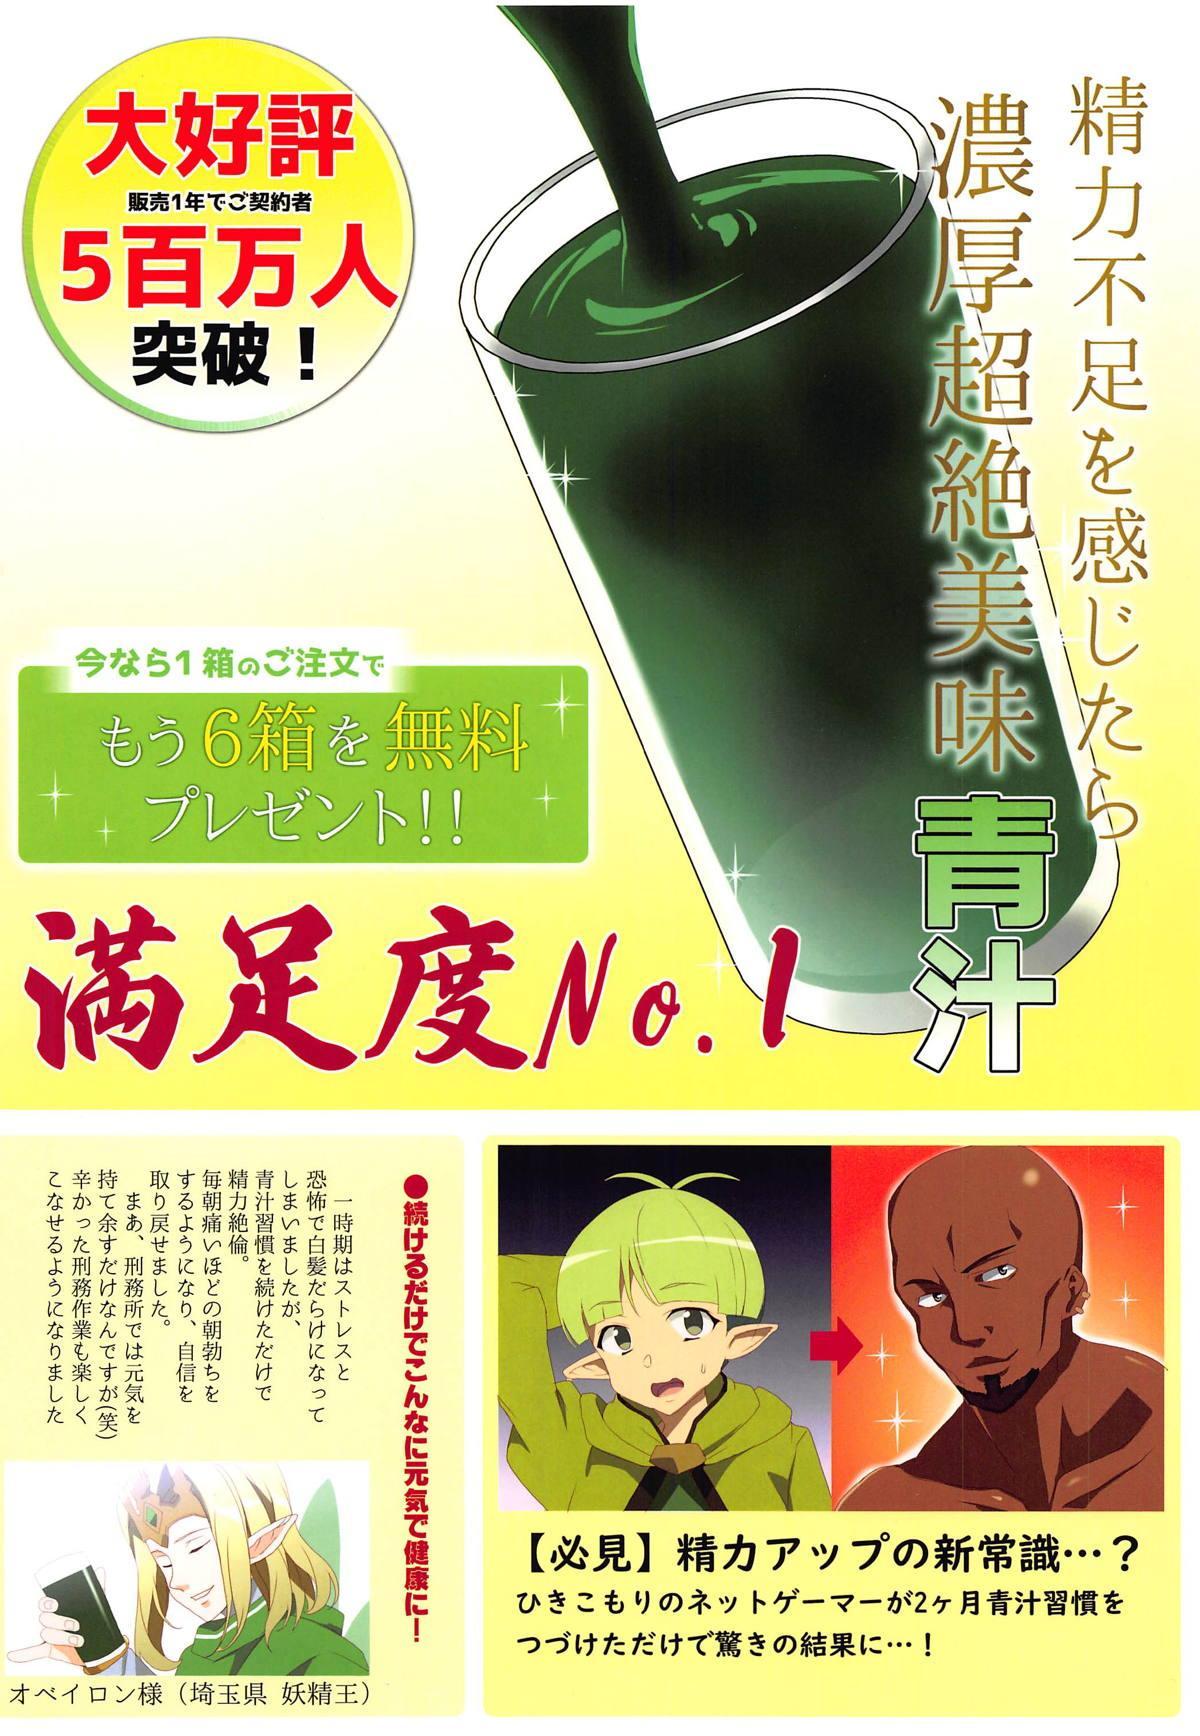 Asuna-san o Ordinal Scale de Sennou Shi Koibito Doushi ni Natta Otoko Yatsu no Na wa EIJI 16